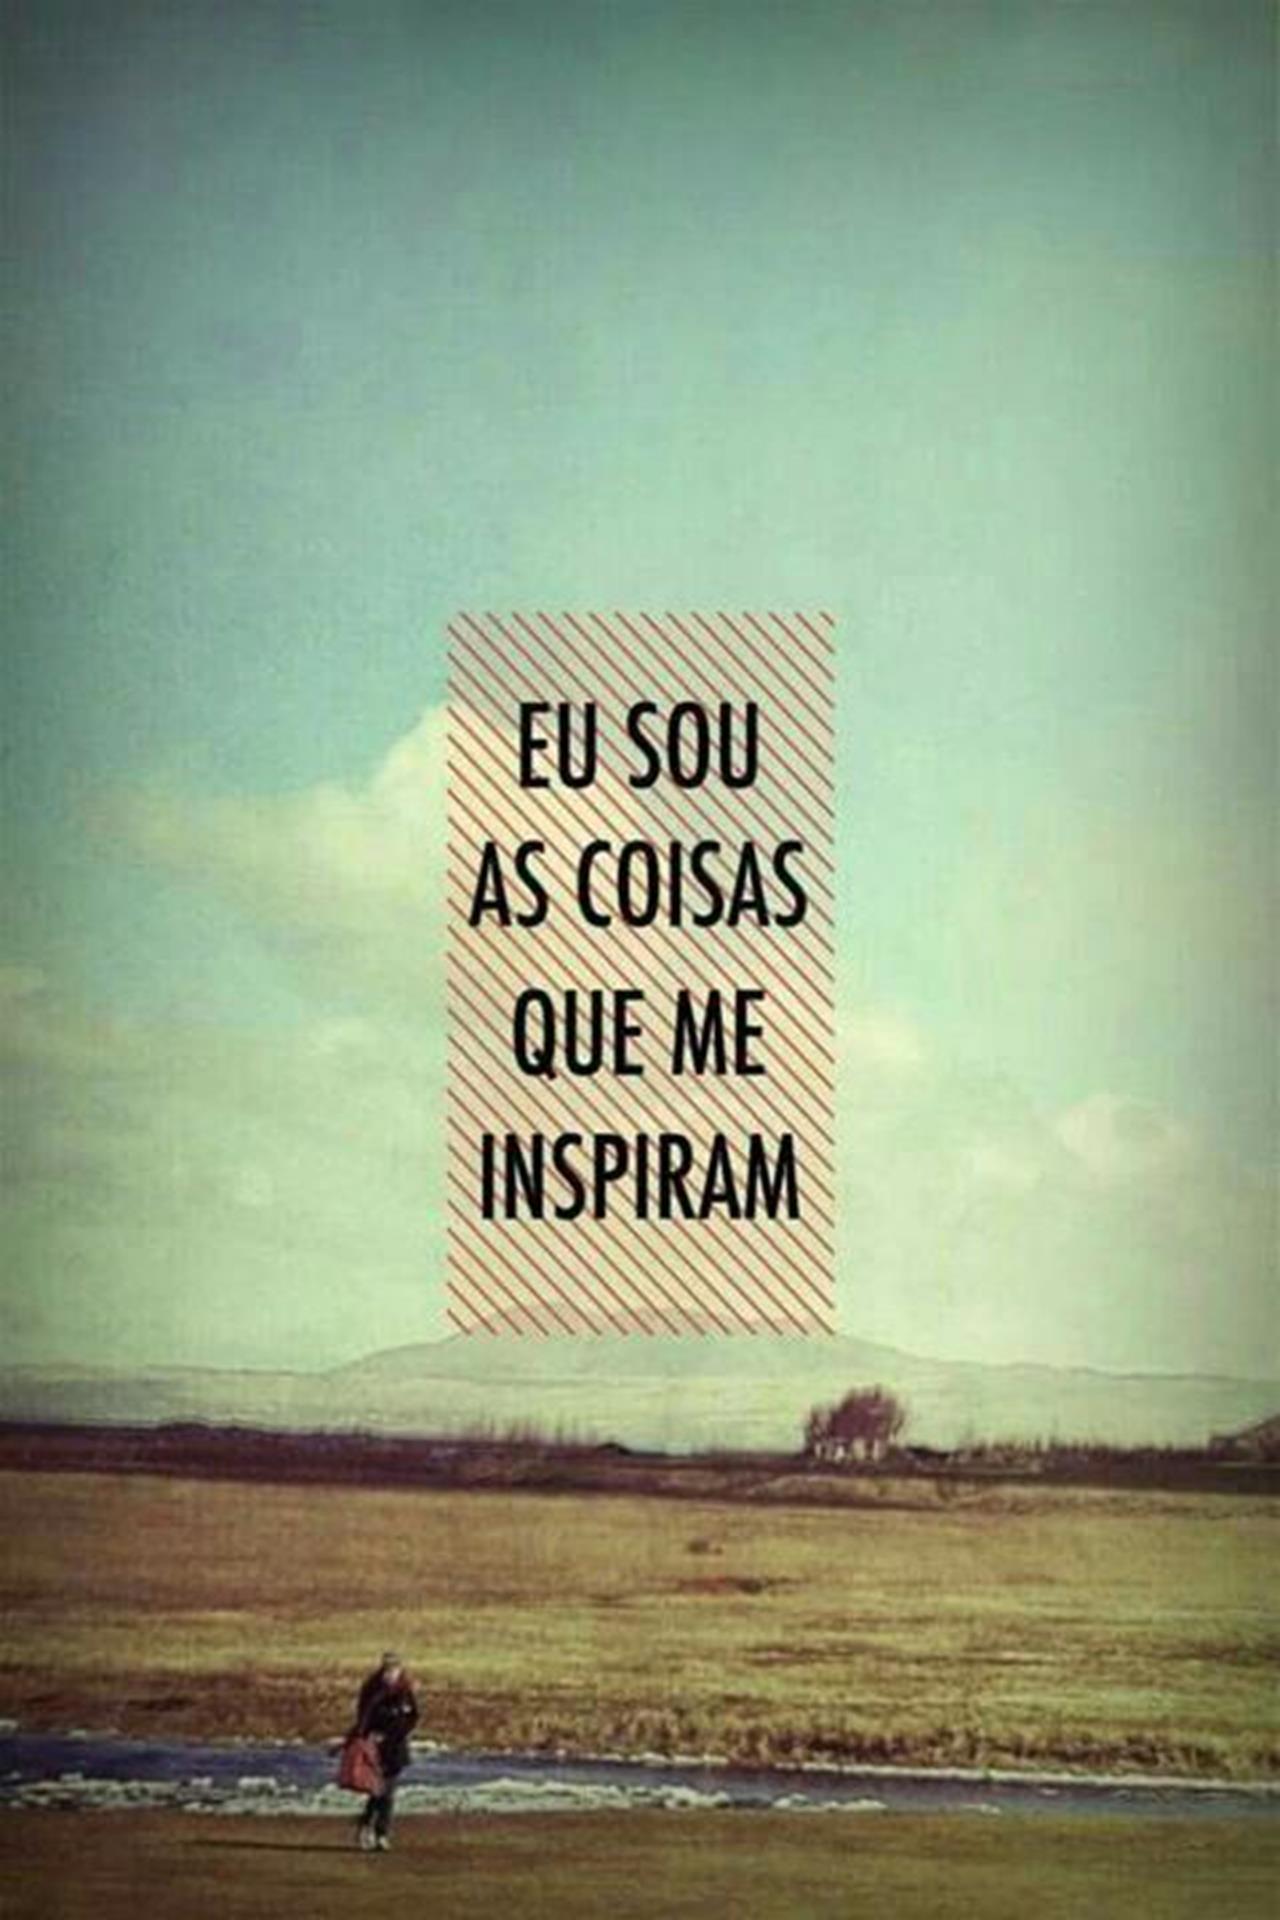 Frases Reflexivas Em Português For Android Apk Download